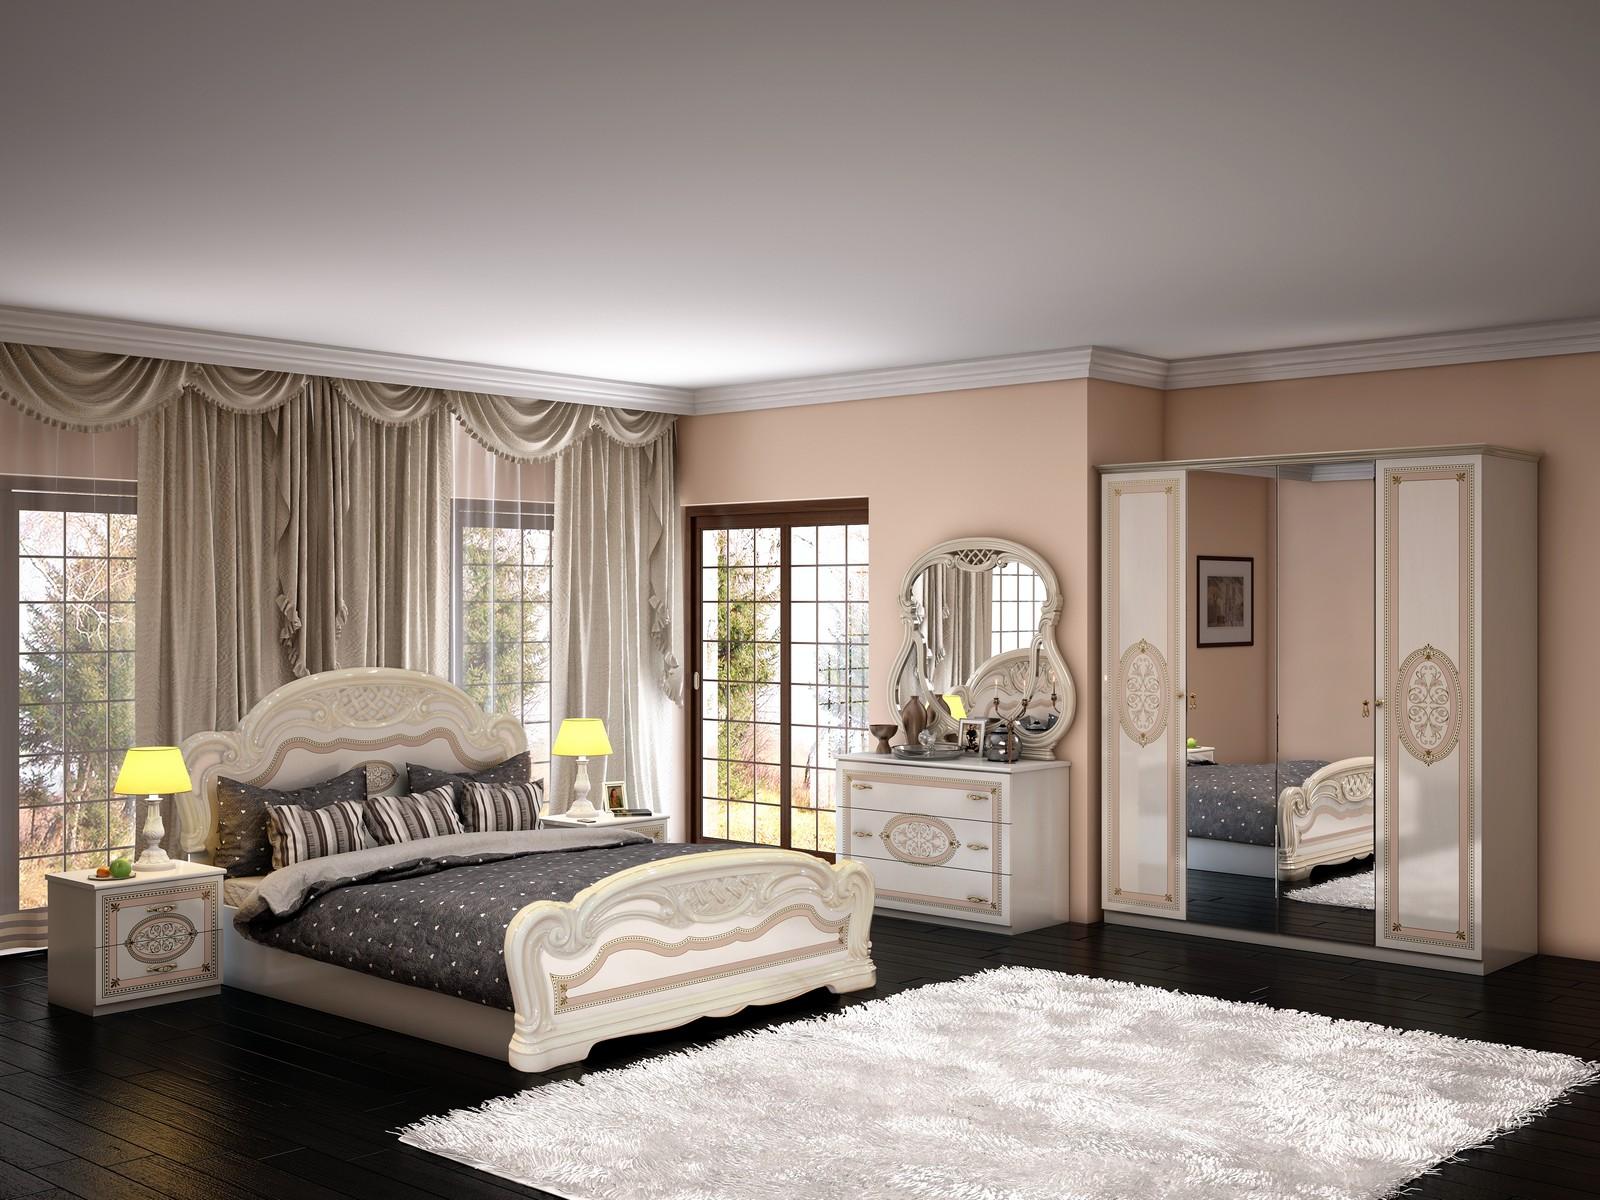 Кремово-черная спальня в стиле винтаж